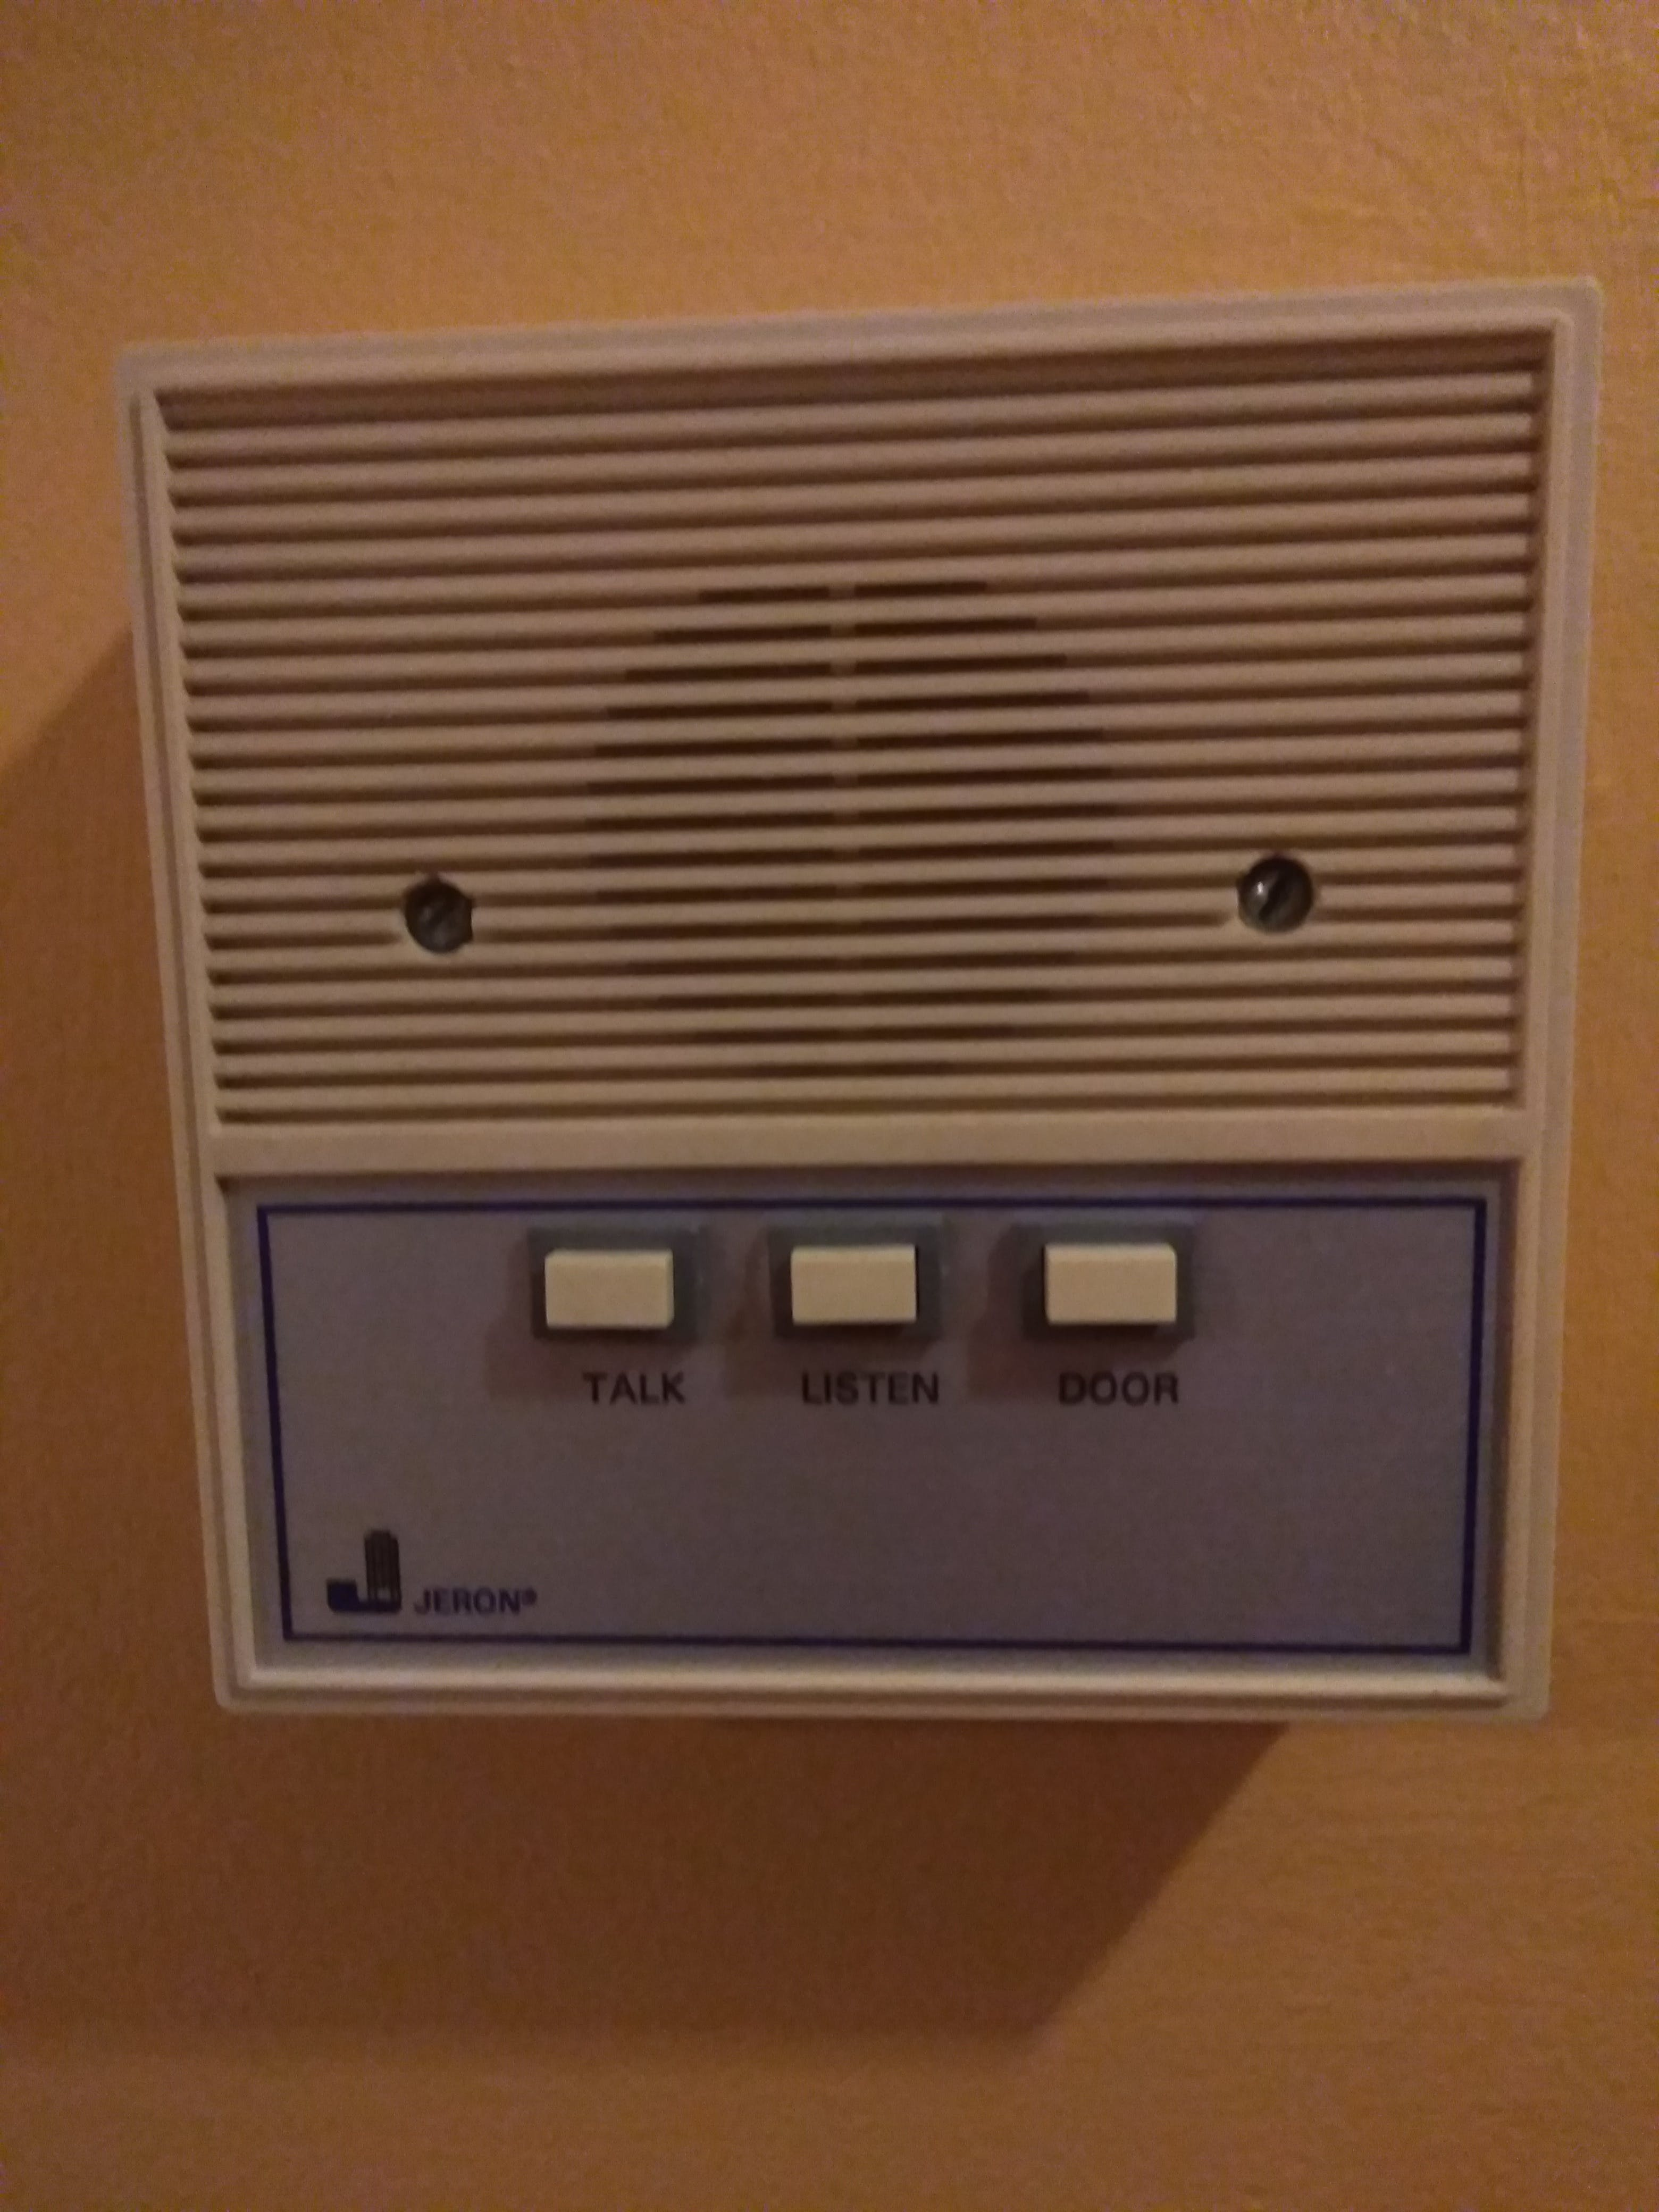 Door Buzzer System